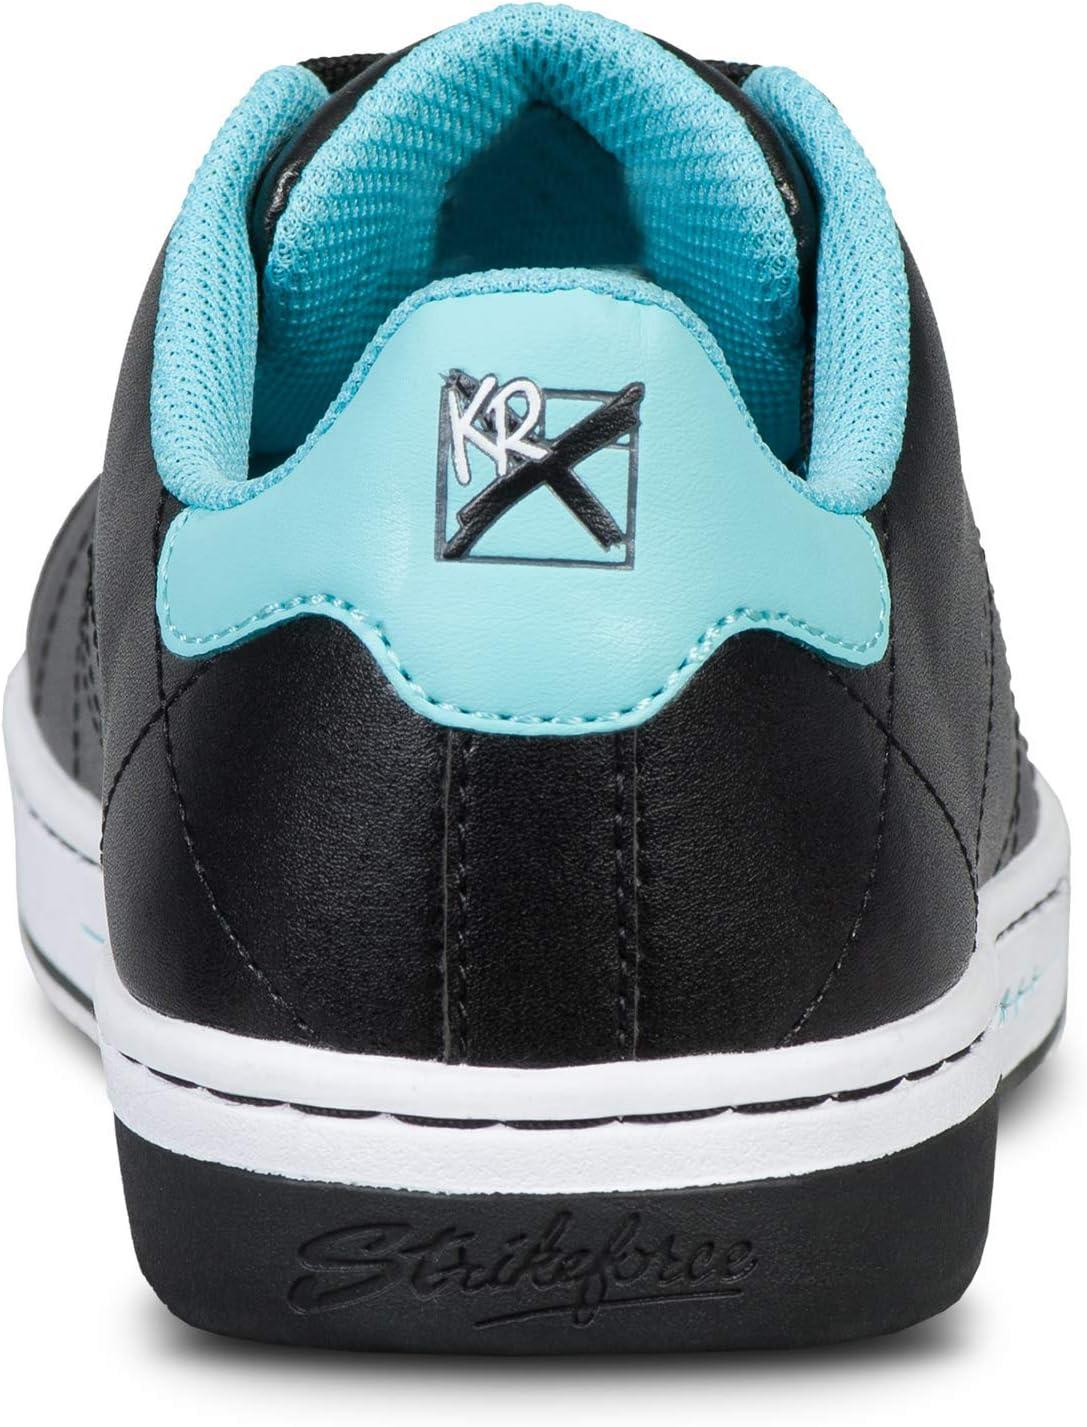 KR Gem Black//Teal Ladies Size 10 Renewed